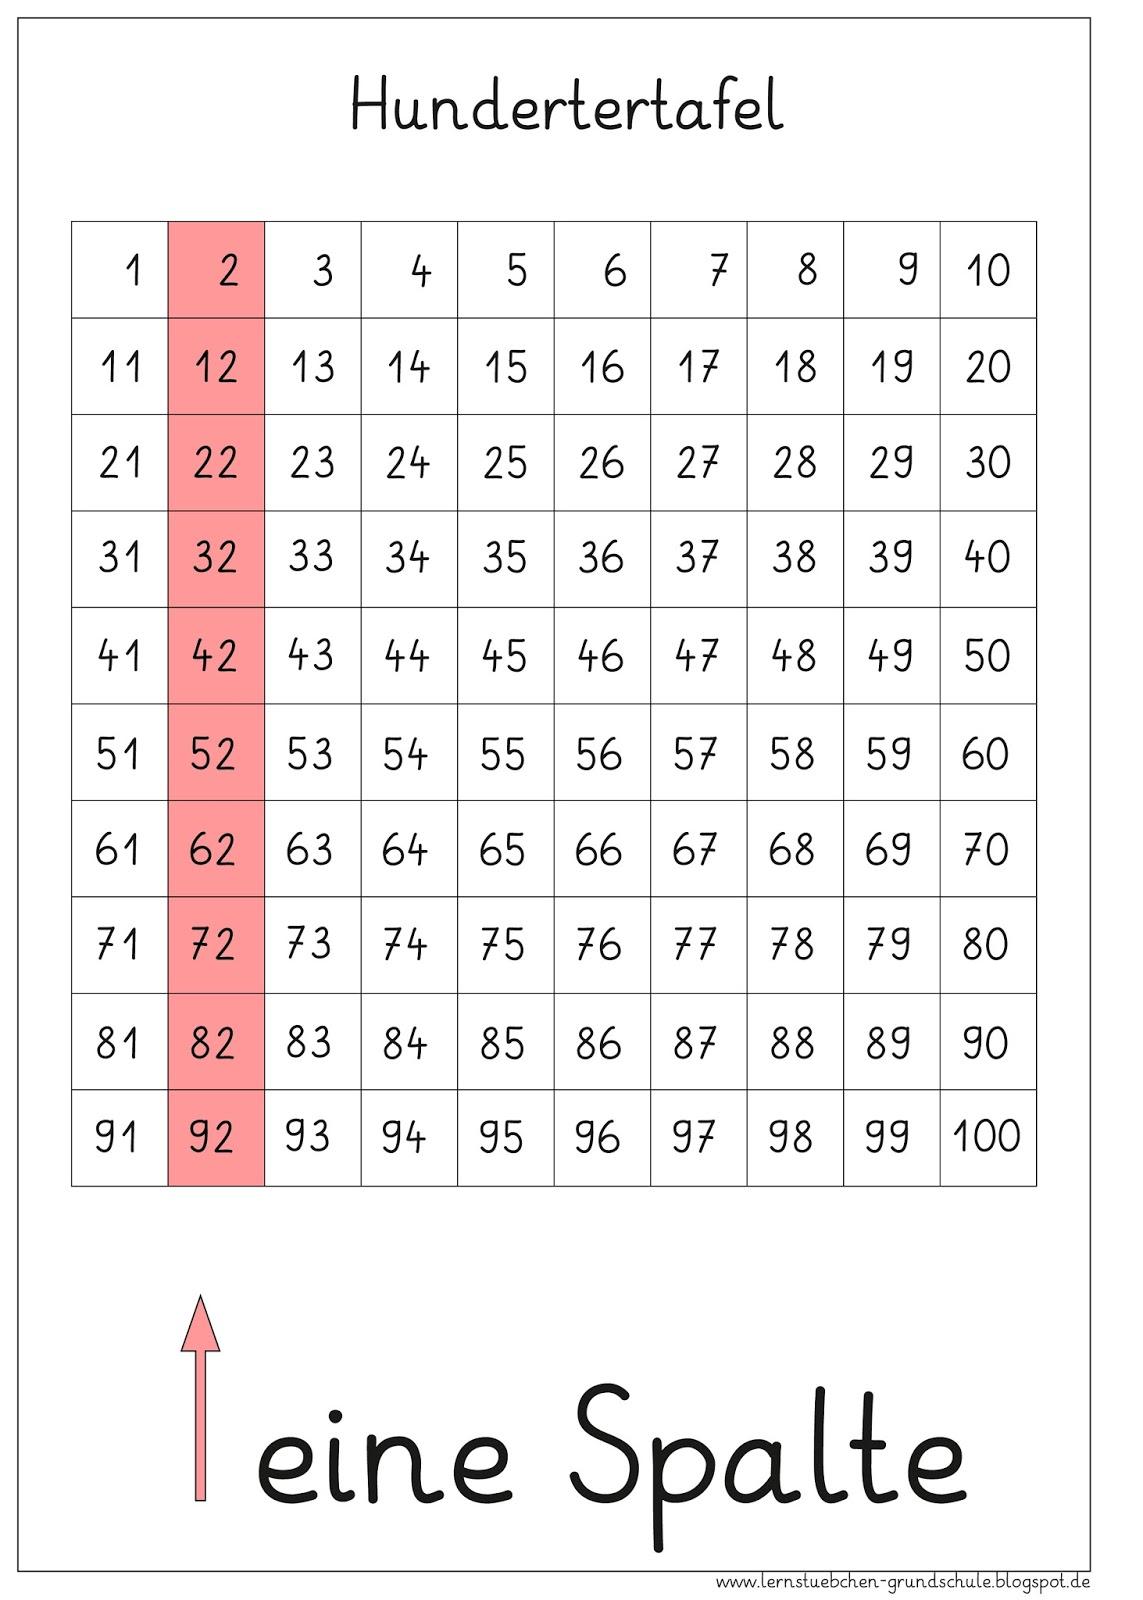 LOTTOKARTEN AUSDRUCKEN Ausdruck Lotto  Gutefrage